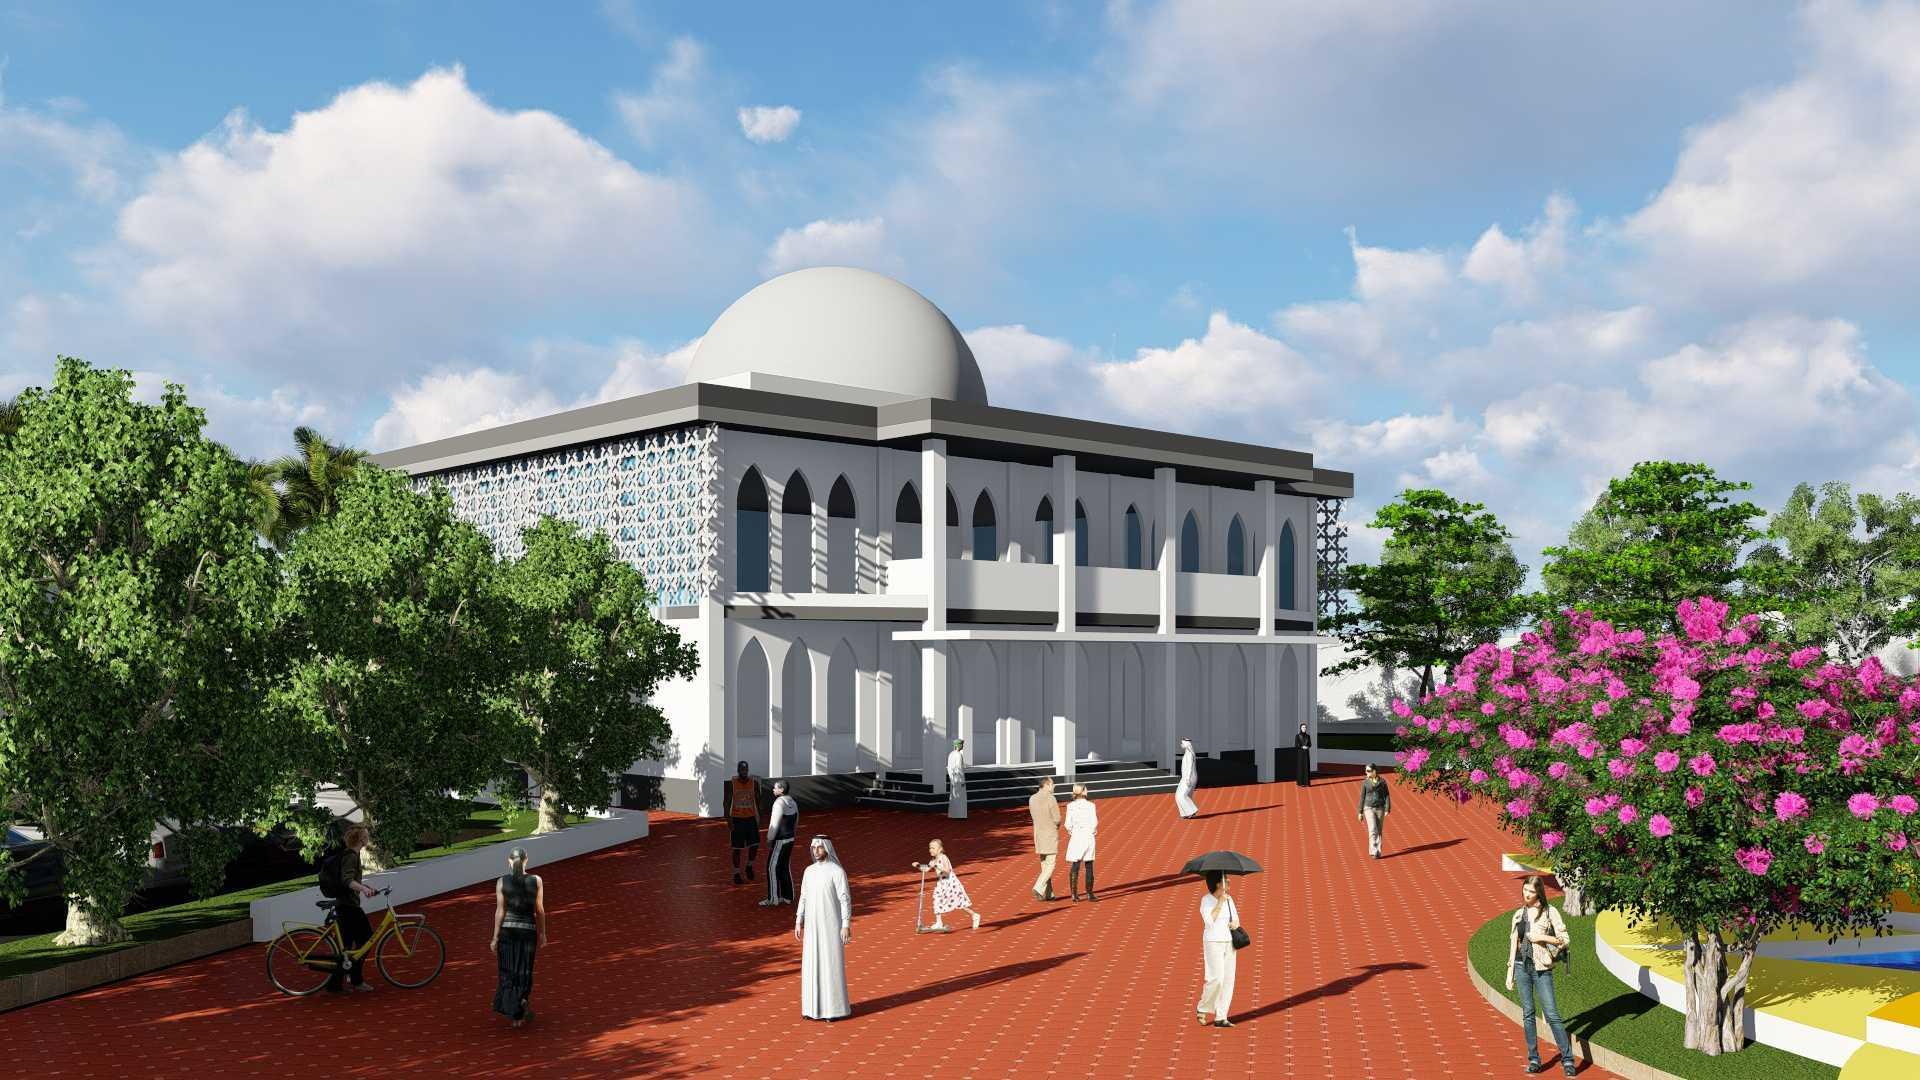 Muhammad Imaaduddin  Masjid Singkep Singkep, Kabupaten Lingga, Kepulauan Riau, Indonesia Singkep, Kabupaten Lingga, Kepulauan Riau, Indonesia Muhammad-Imaaduddin-Masjid-Singkep  62230